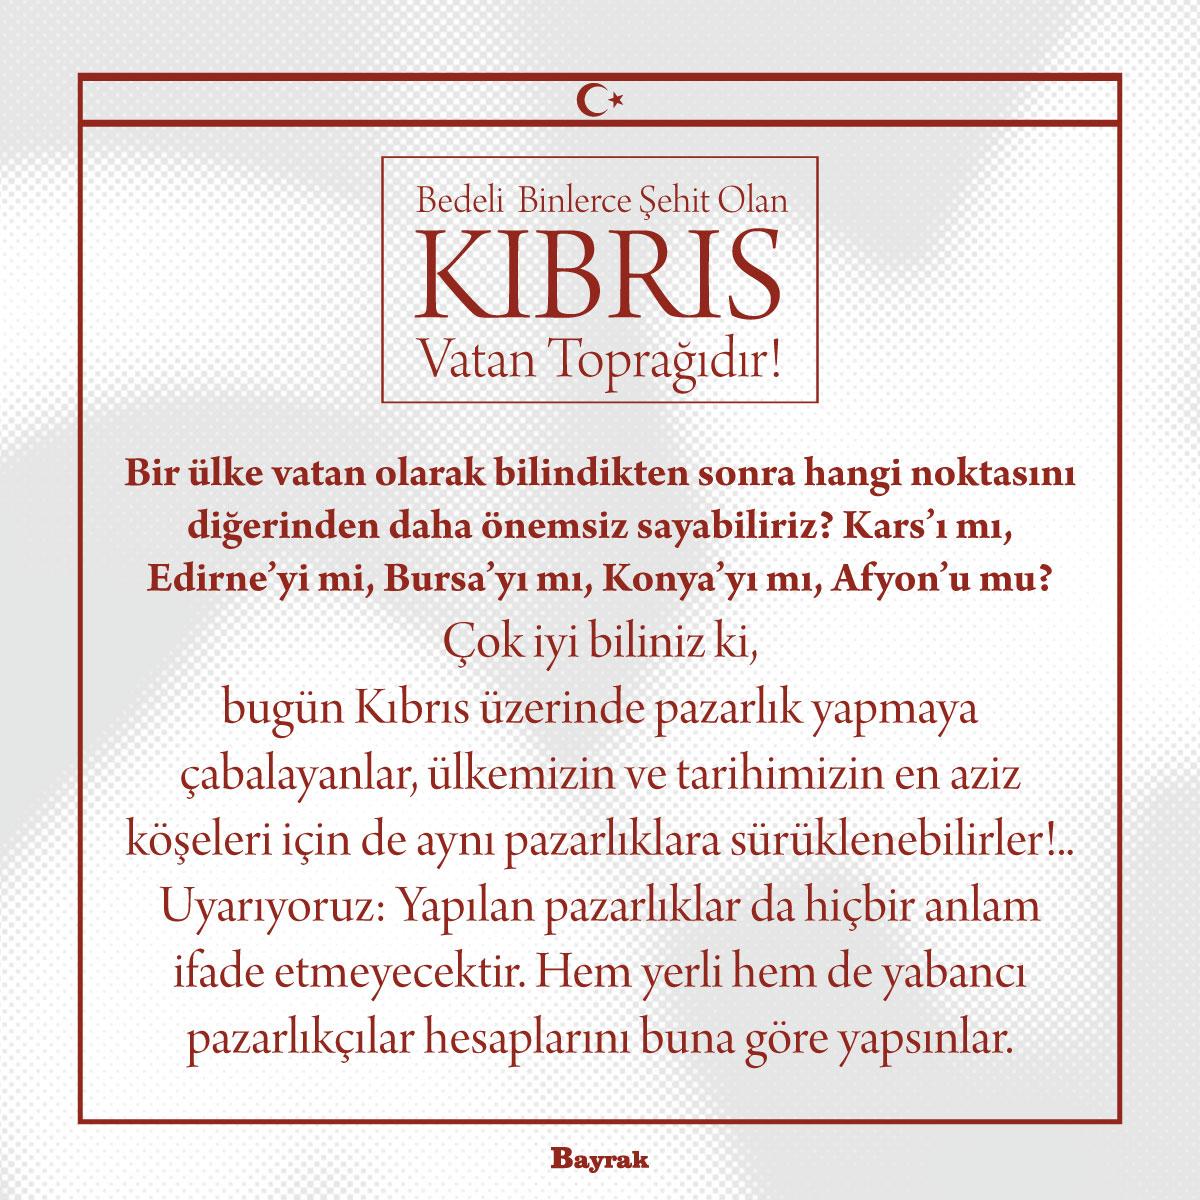 Kıbrıs Vatan Toprağıdır - 2